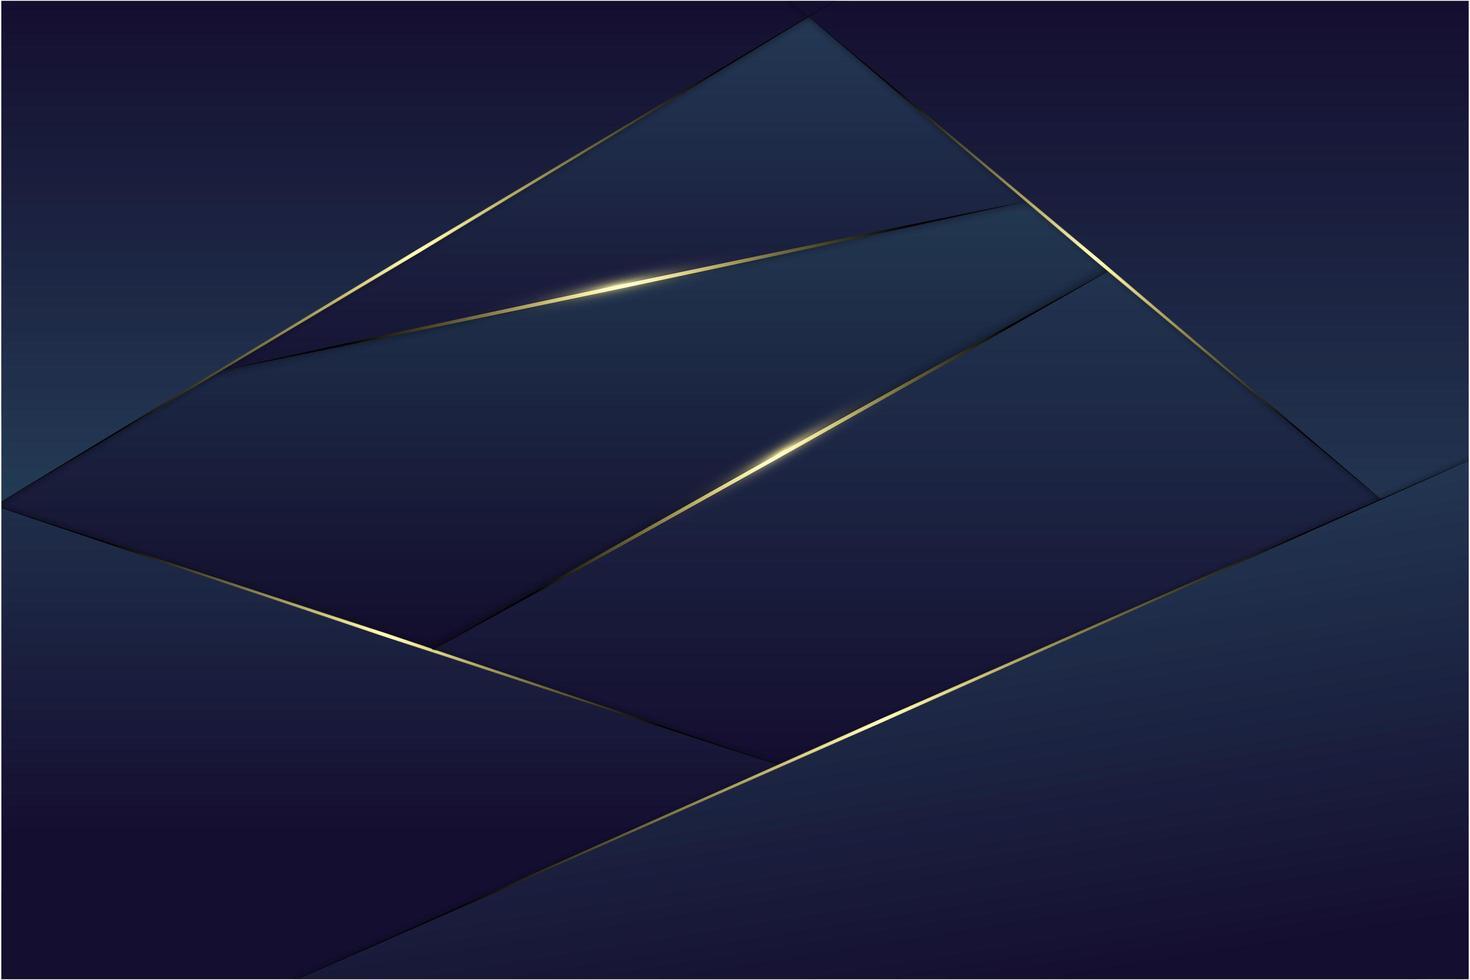 blauw metallic veelhoekige achtergrond. vector